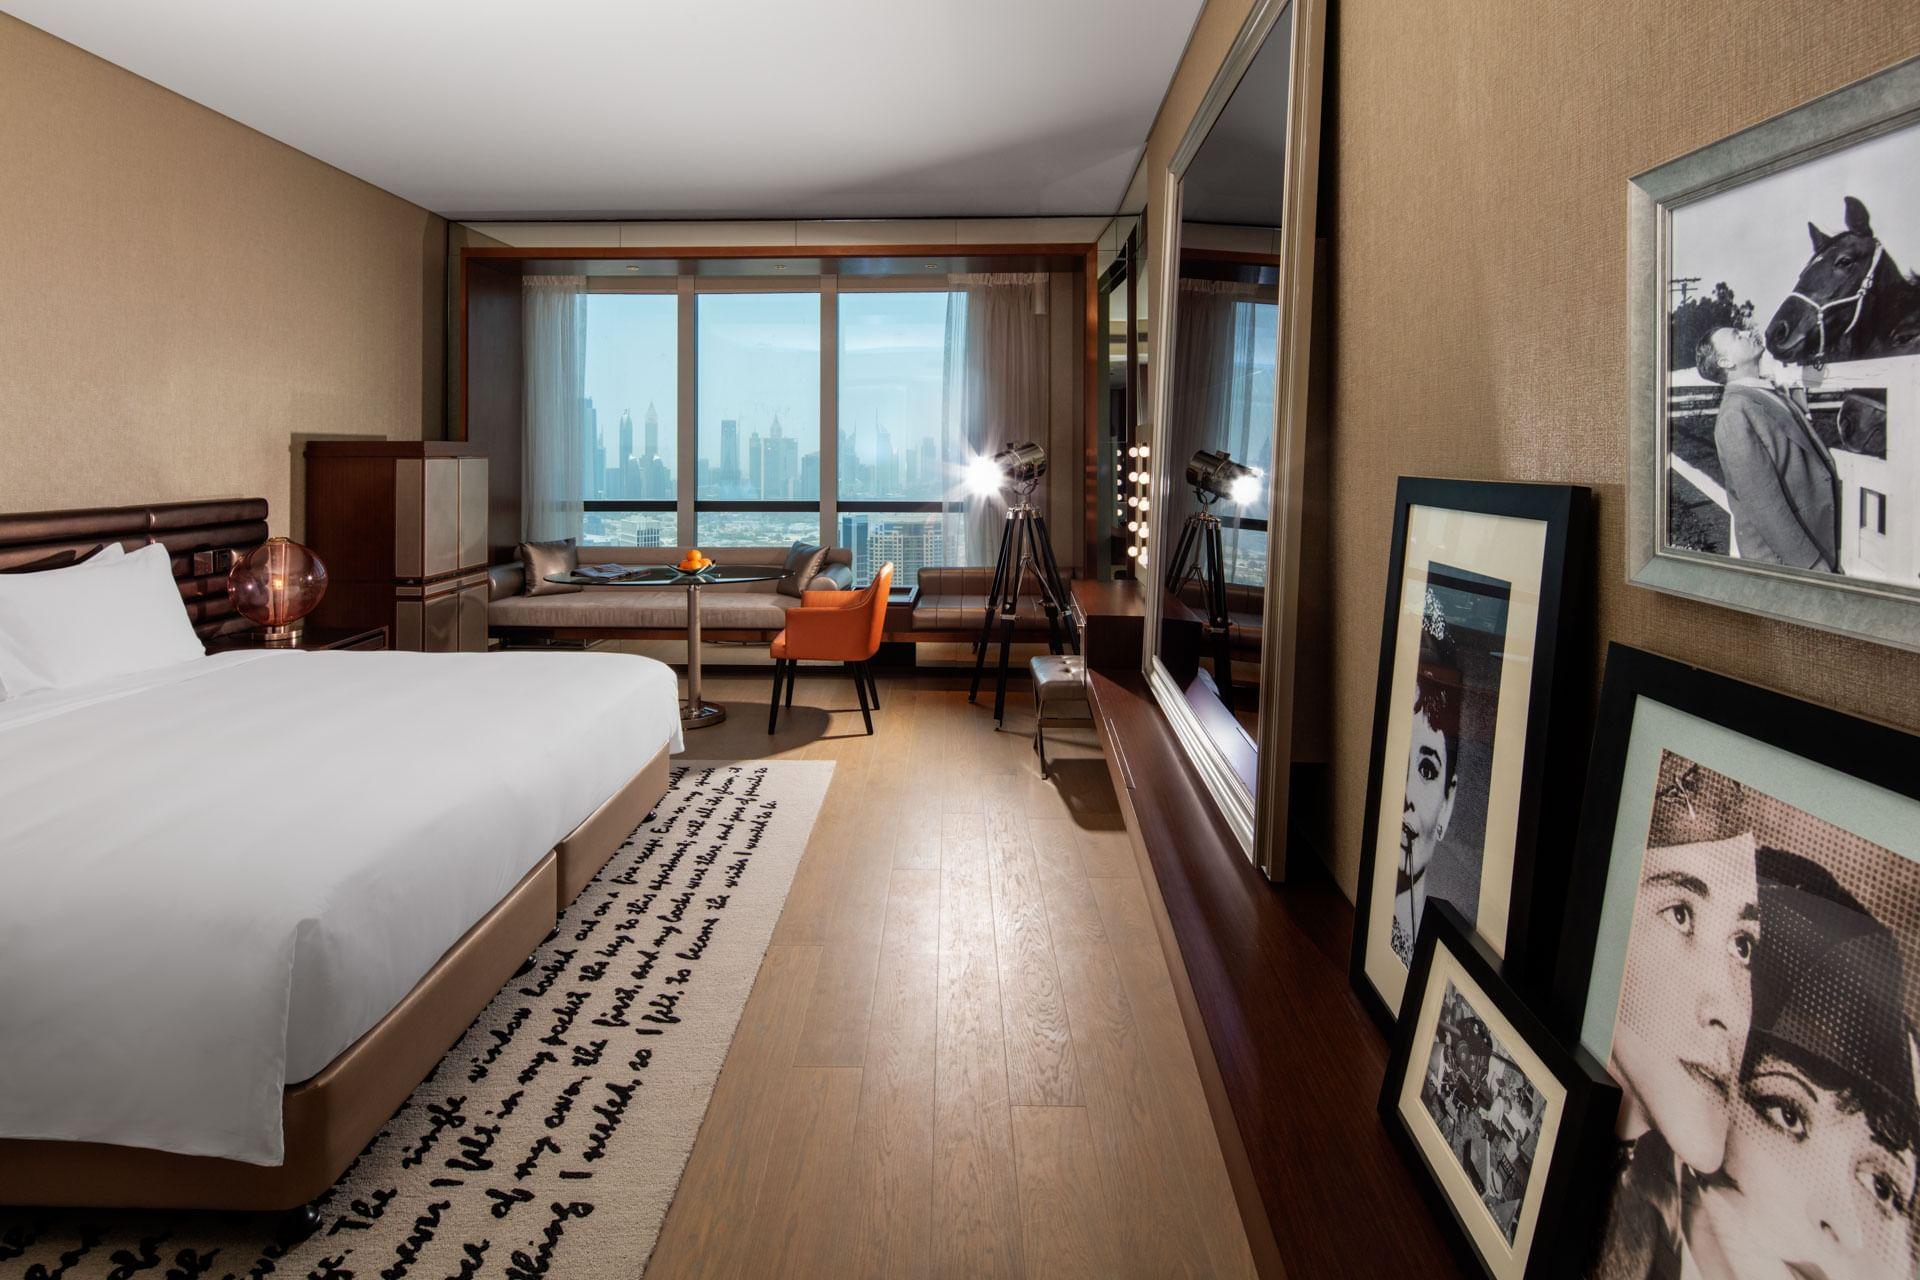 Scene Bedroom Warm light